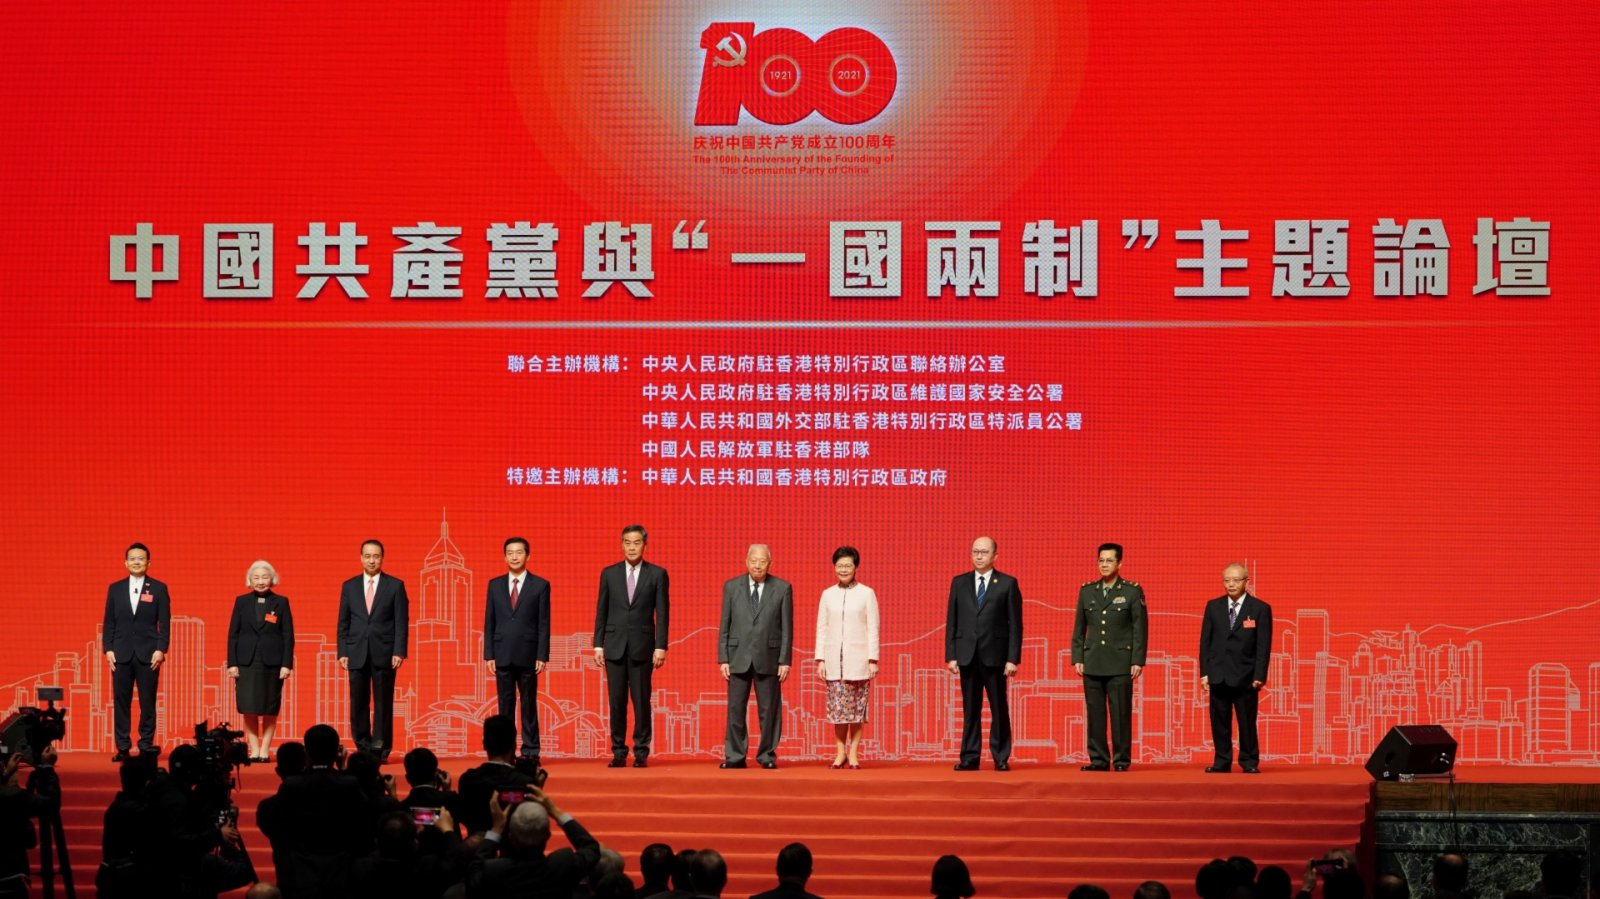 文匯社評 是誰真正懂得並且珍惜香港價值(一)